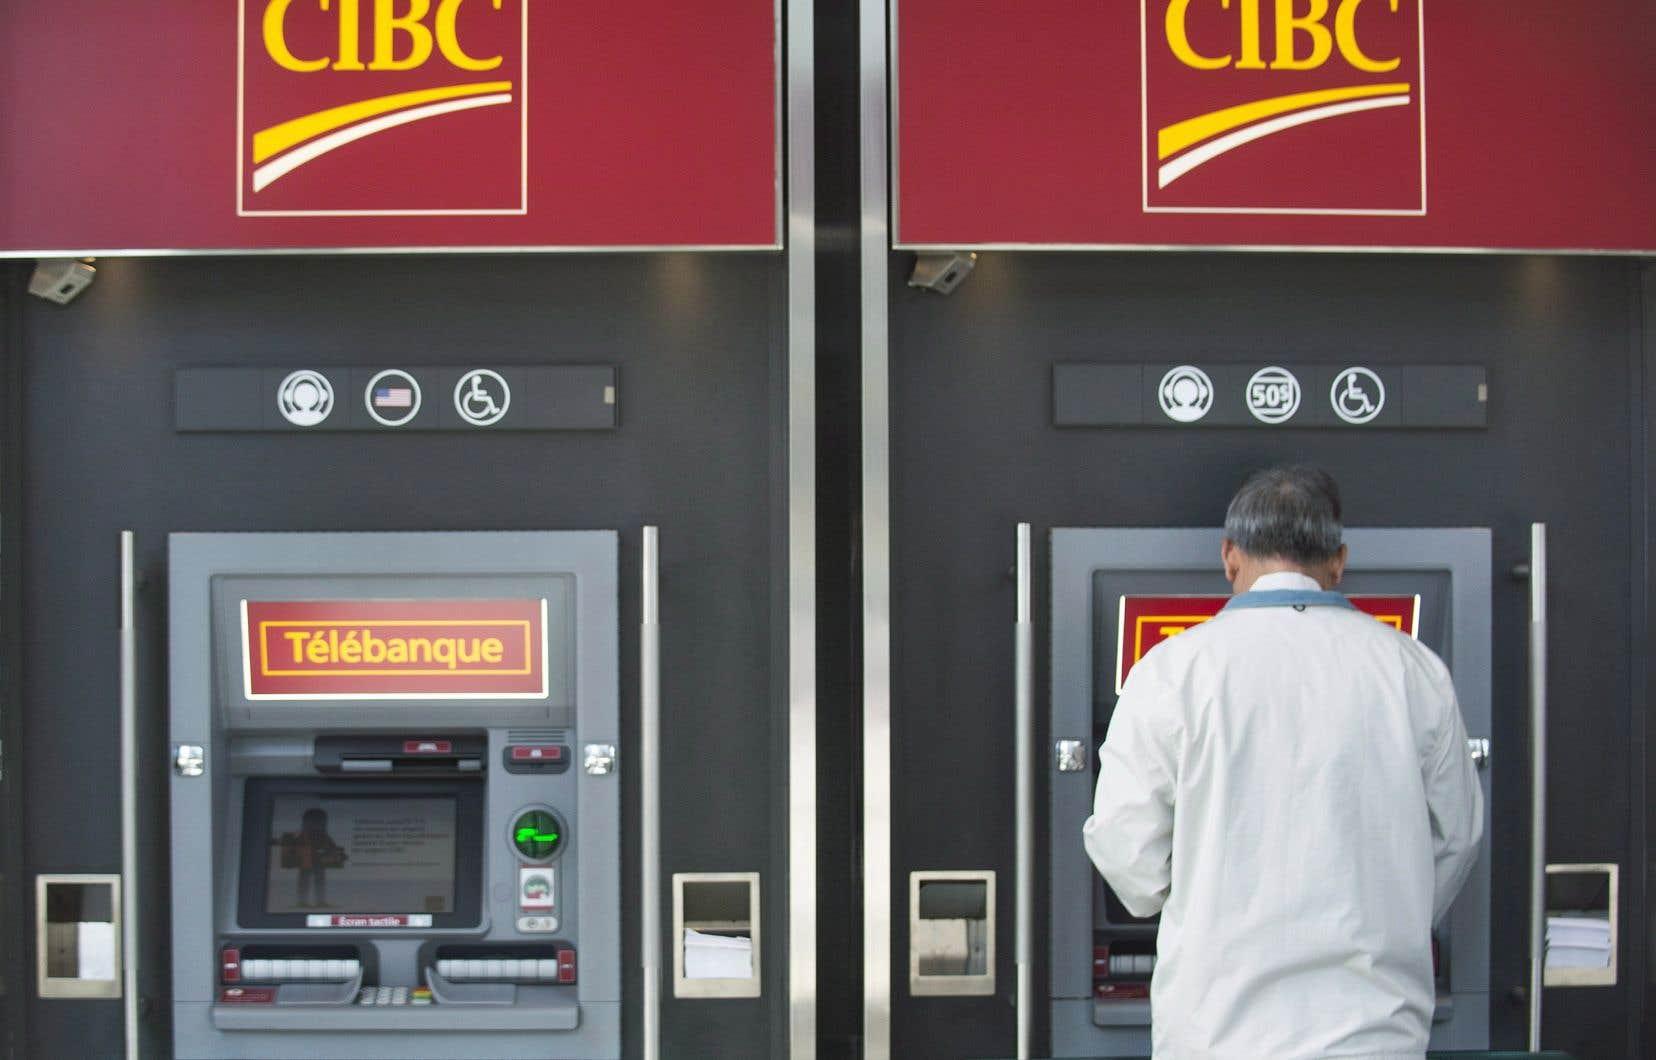 Pour la période de trois mois terminée le 31juillet, le bénéfice net de la CIBC a été de 1,4milliard.